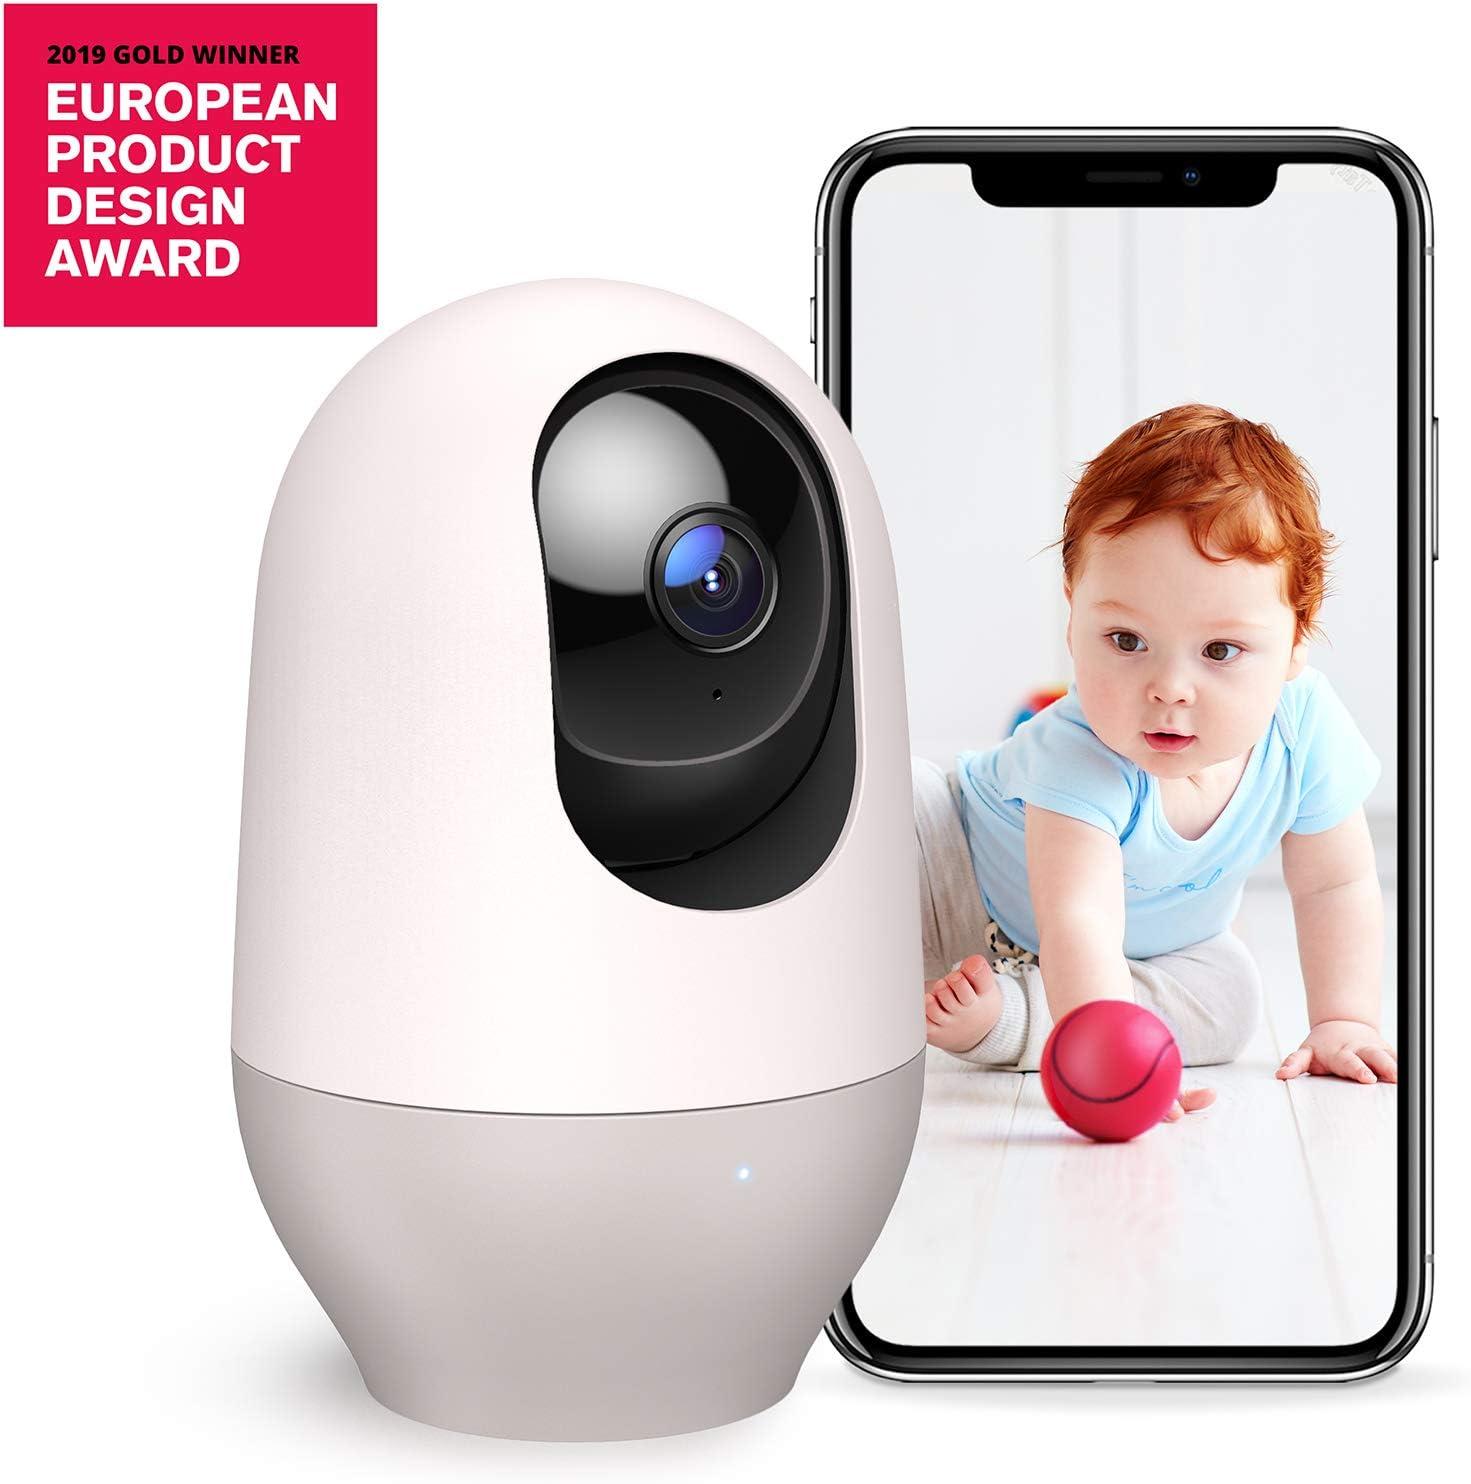 Nooie Cámara WiFi 1080P, Cámara IP Vigilancia Interior Inalámbrico, con Micrófono y Altavoz, Visión Nocturna, Detección de Movimiento, Seguridad para Bebé y Mascotas, Compatible con iOS/Android,Alexa